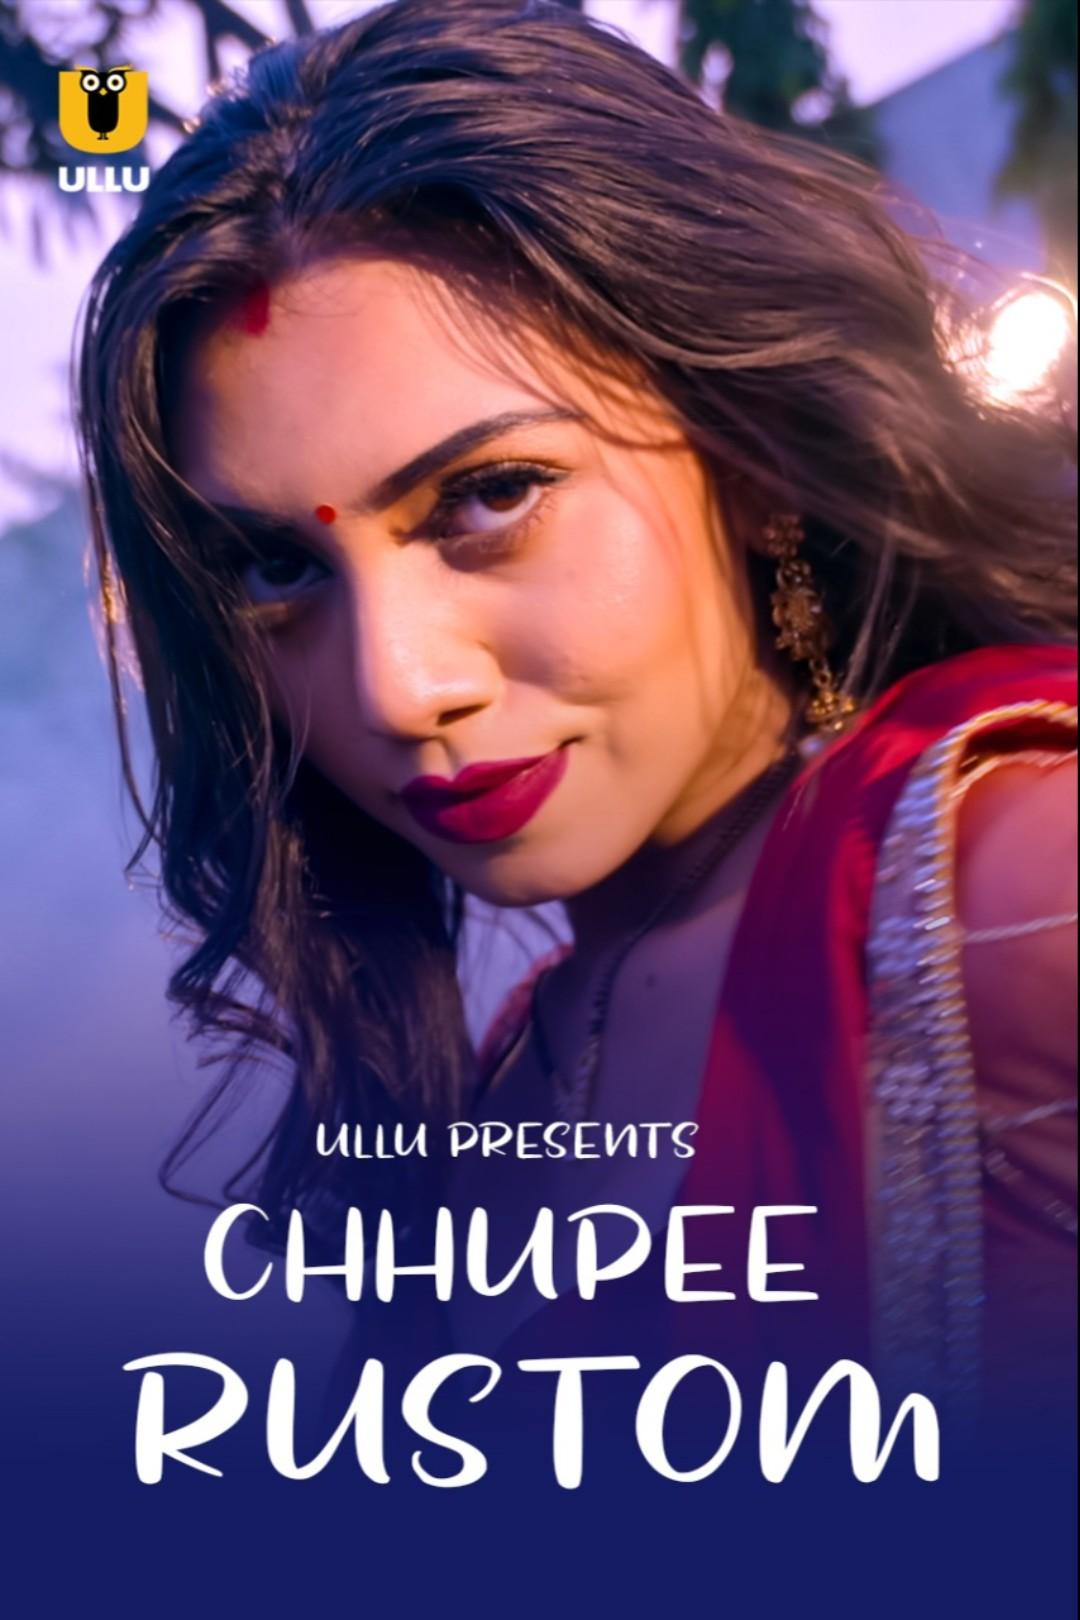 Chhupee Rustom ullu download